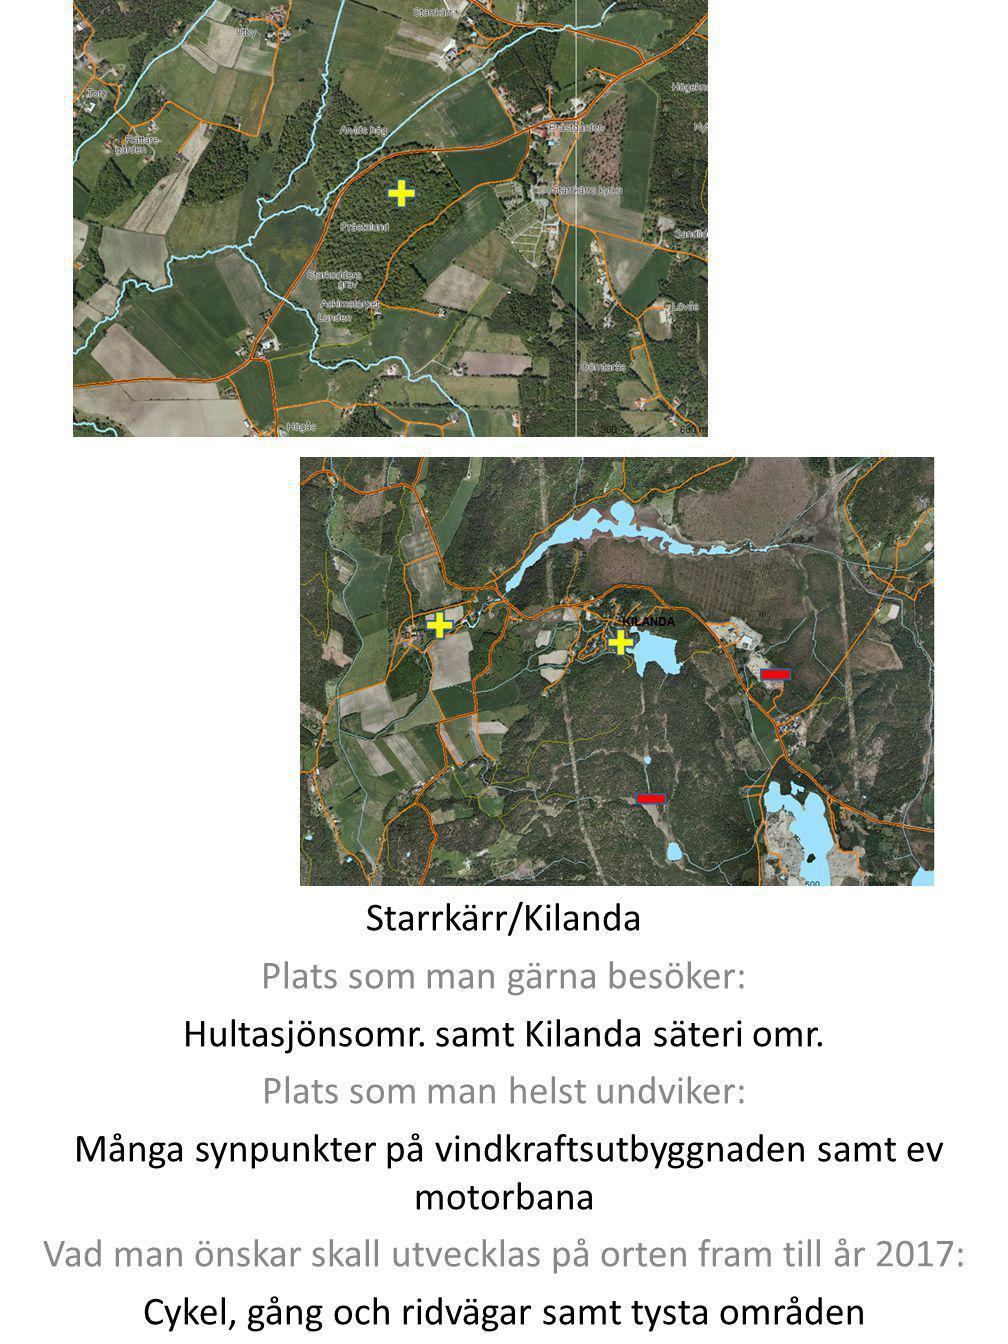 Starrkärr/Kilanda Plats som man gärna besöker: Hultasjönsomr. samt Kilanda säteri omr. Plats som man helst undviker: Många synpunkter på vindkraftsutb